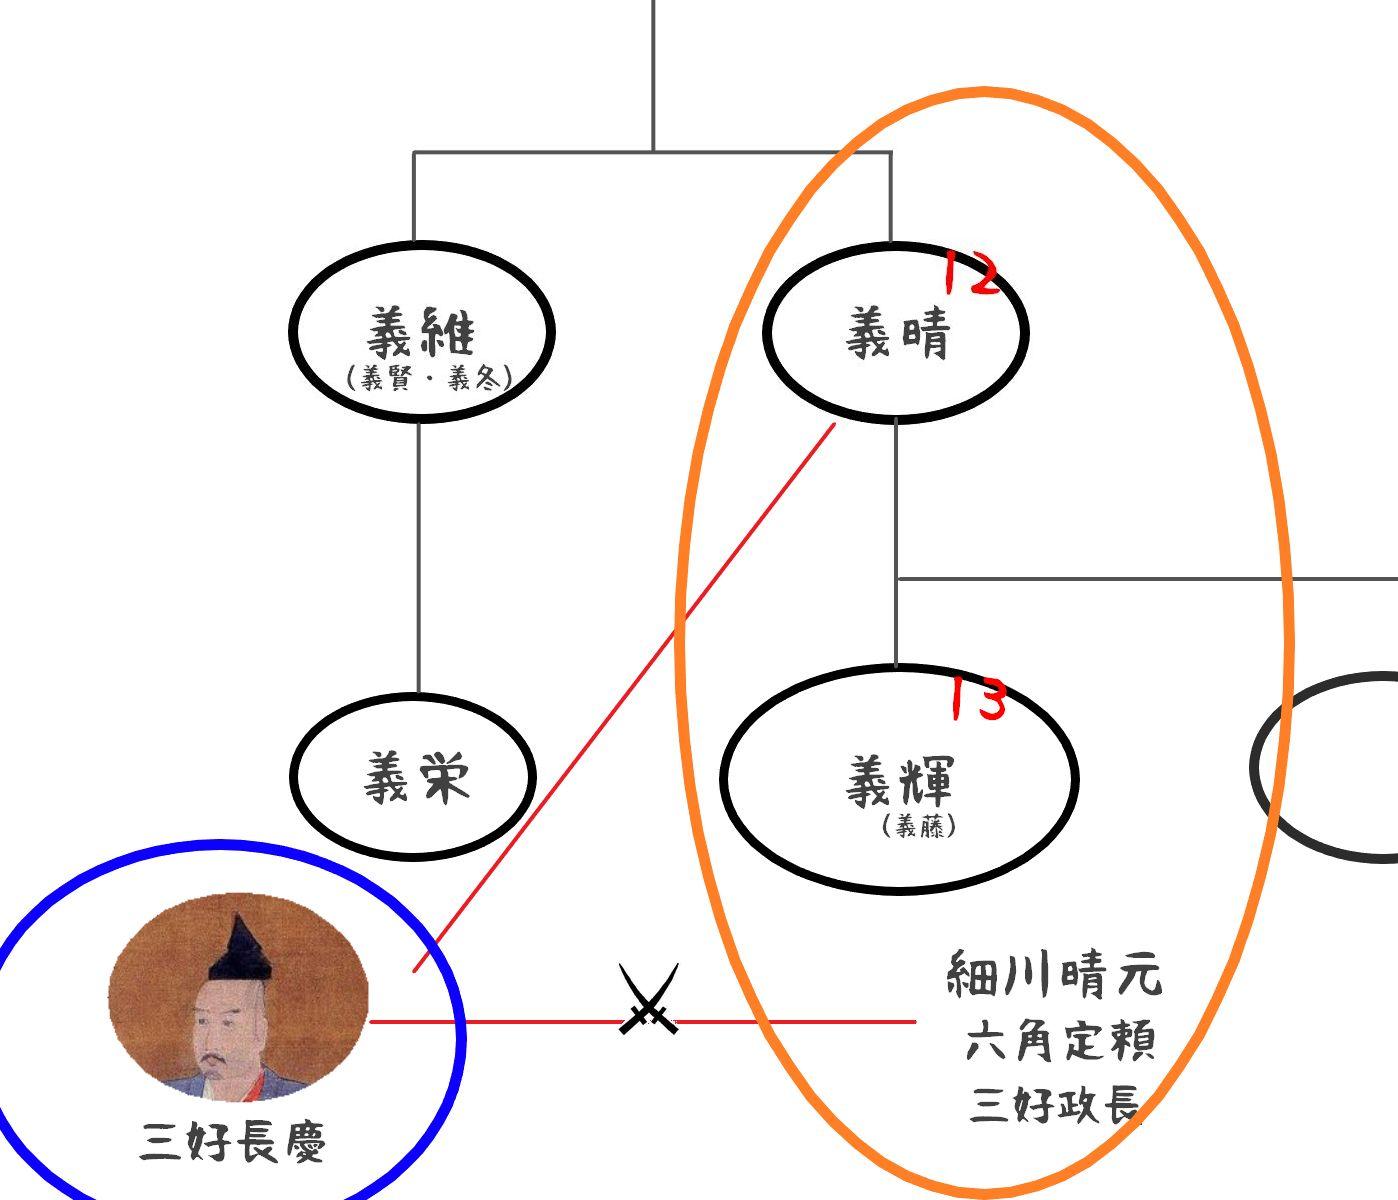 足利将軍家家系図06